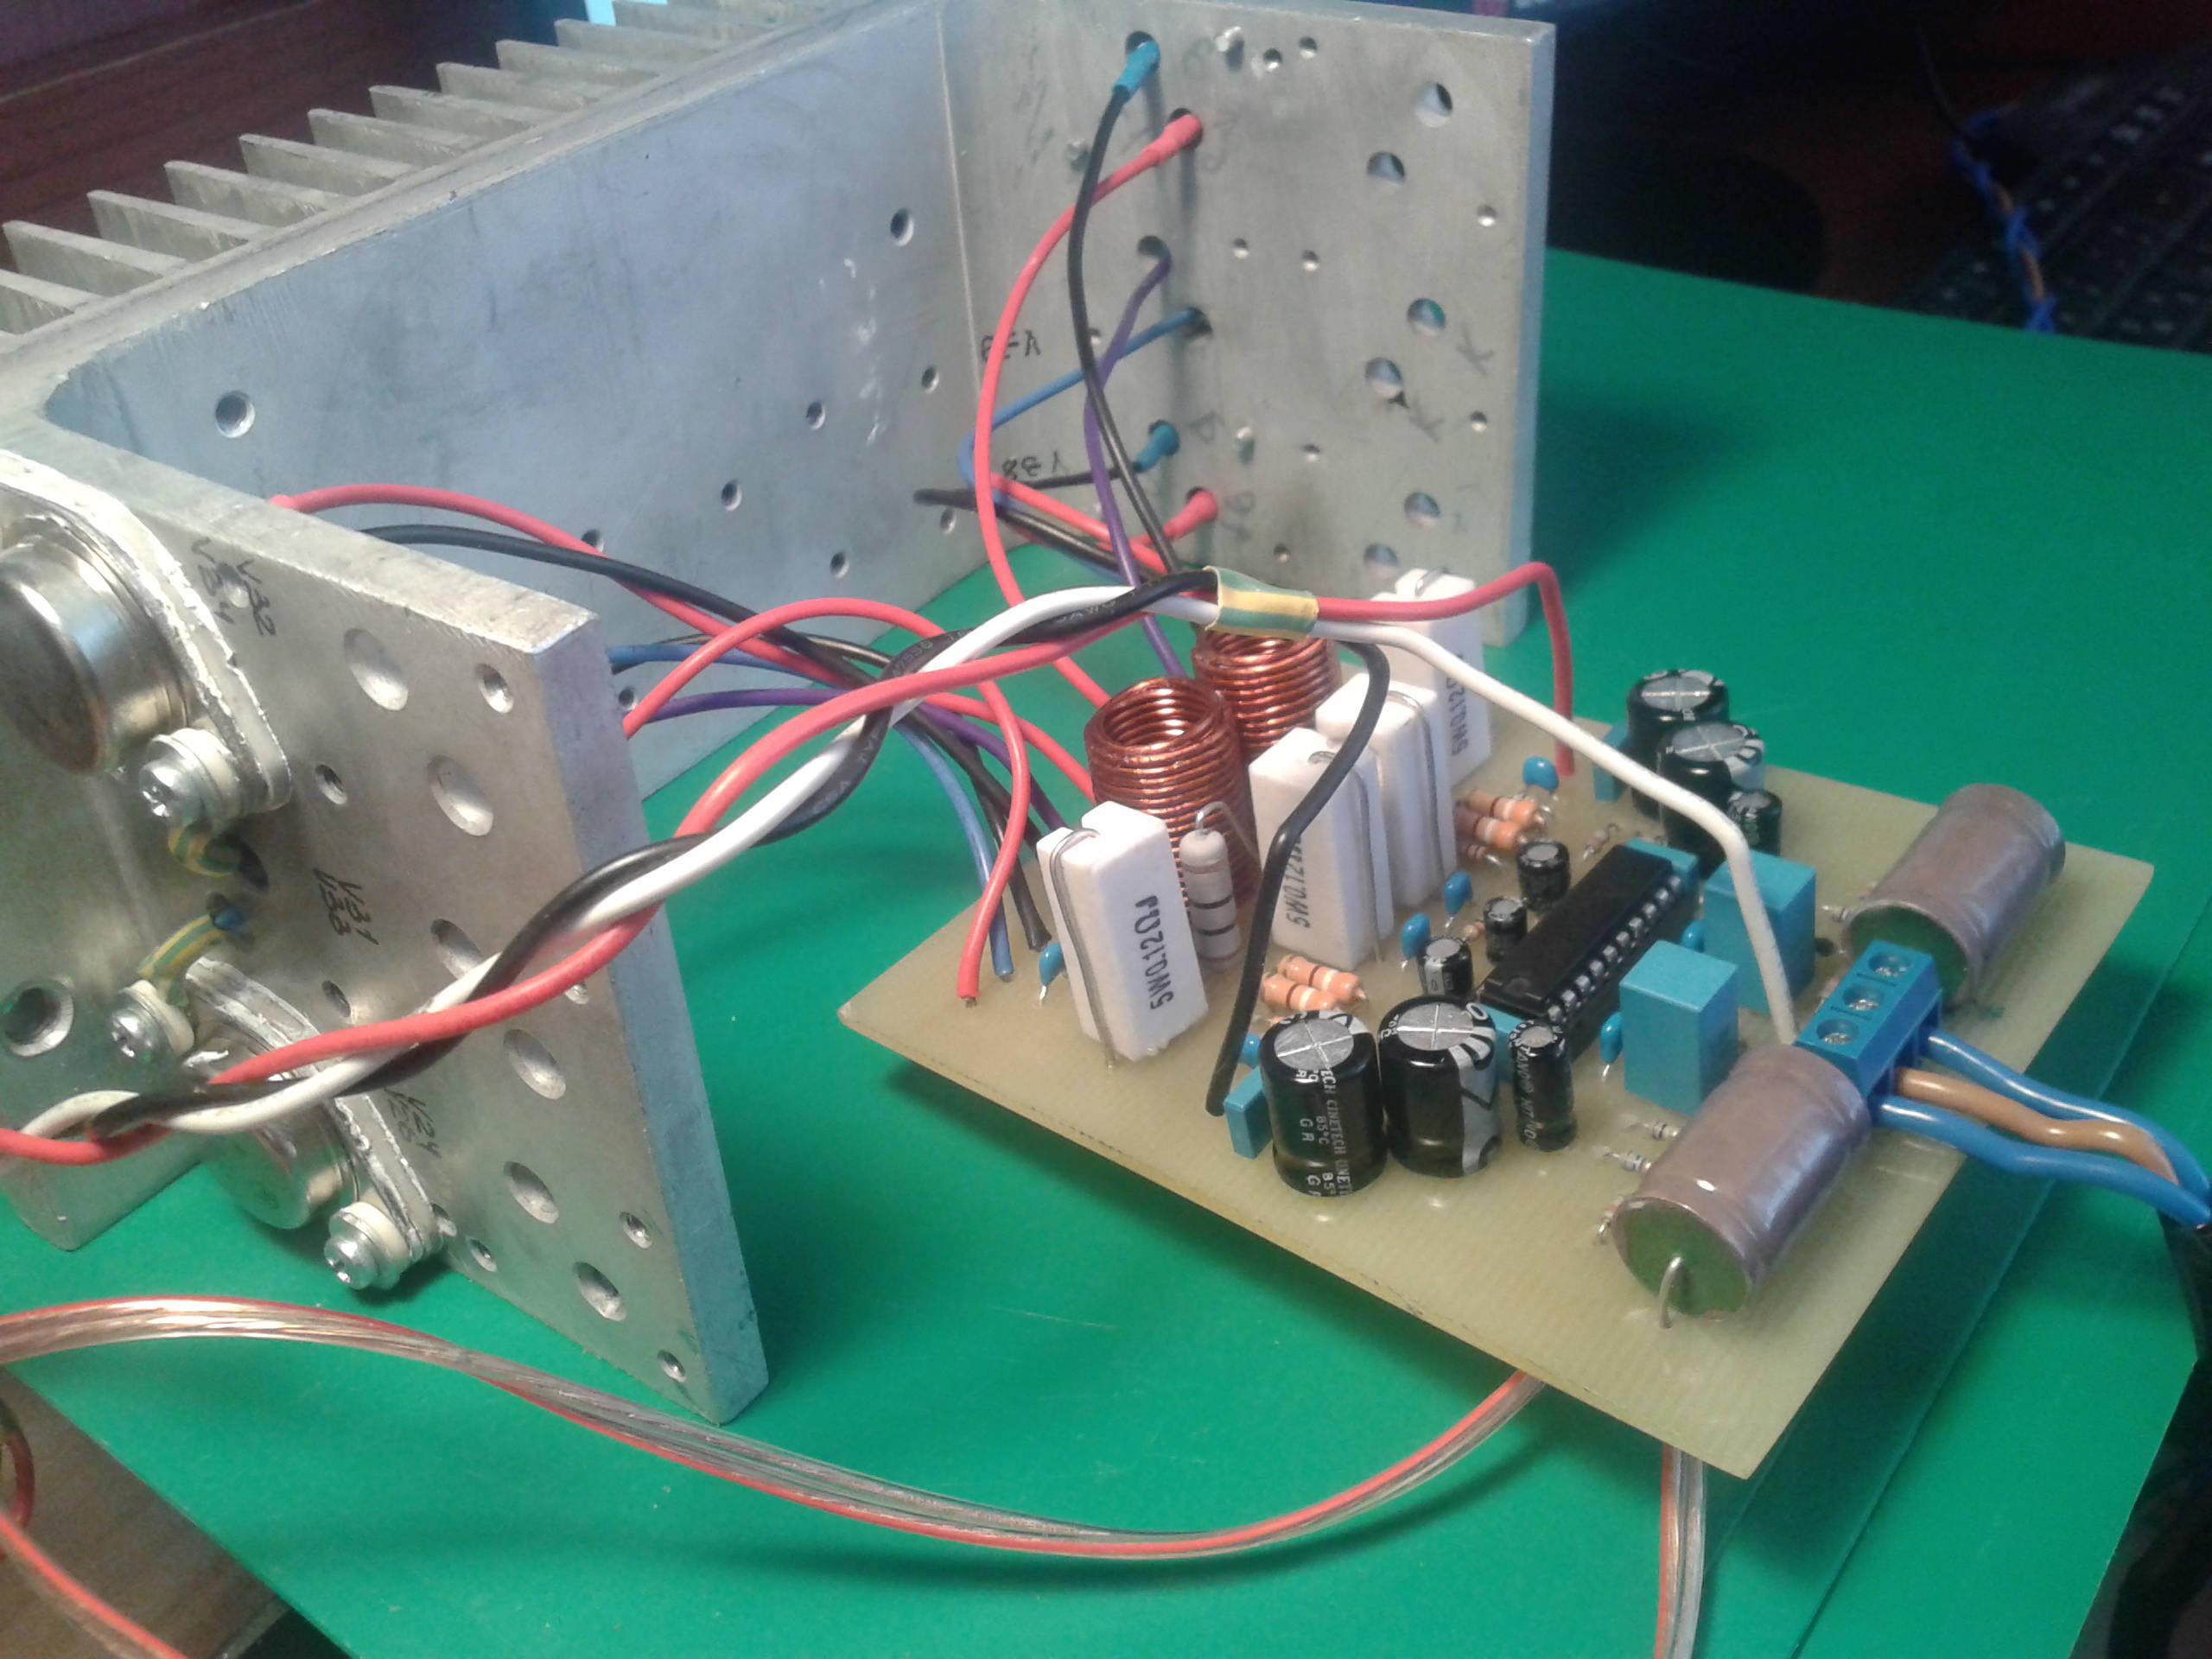 фм передатчик один простия транзистором схема